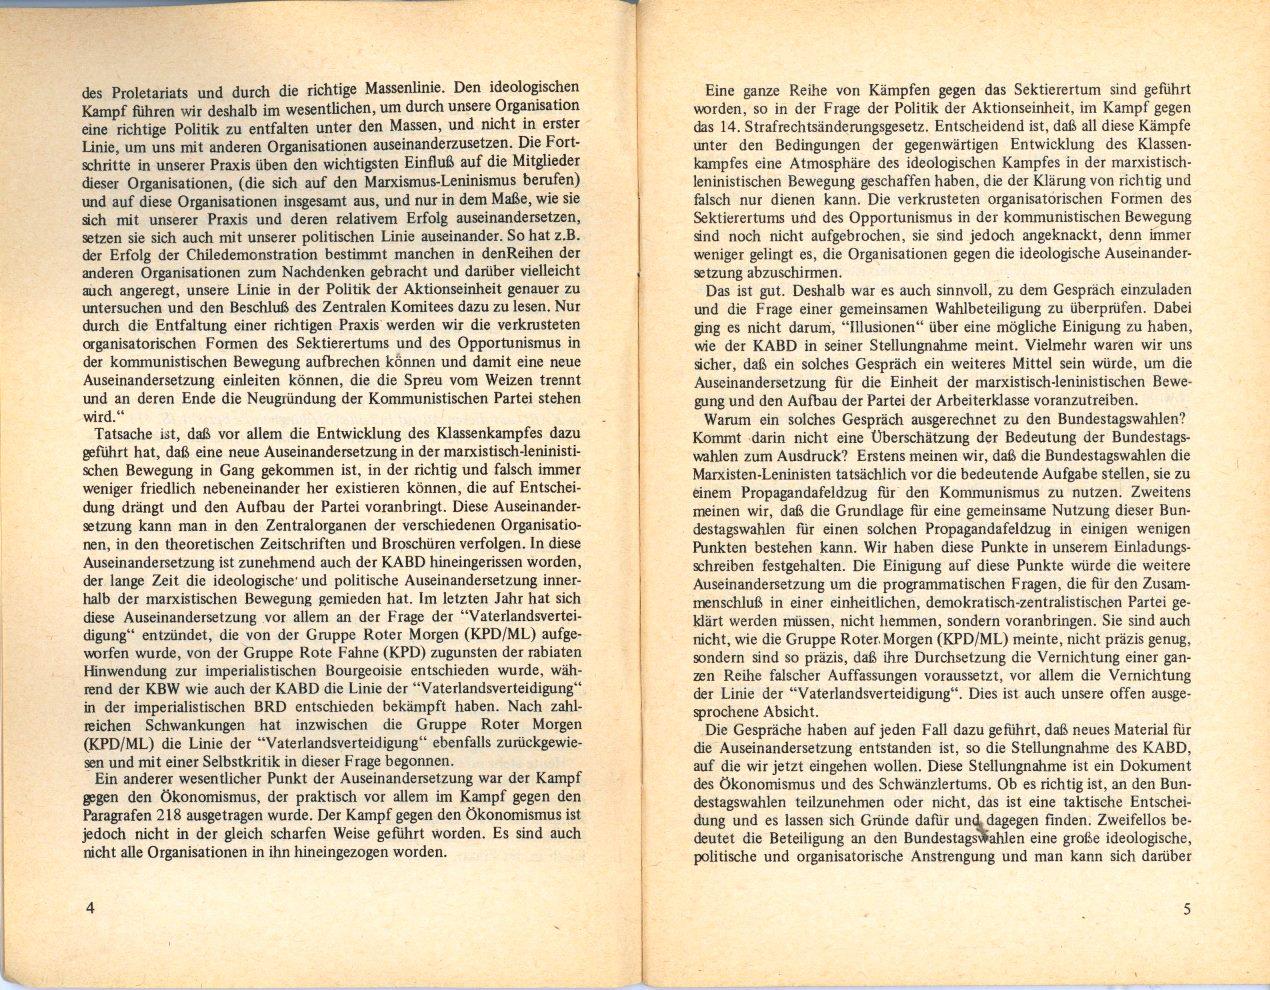 KBW_Materialien_zur_Auseinandersetzung_in_der_mlB_1976_04